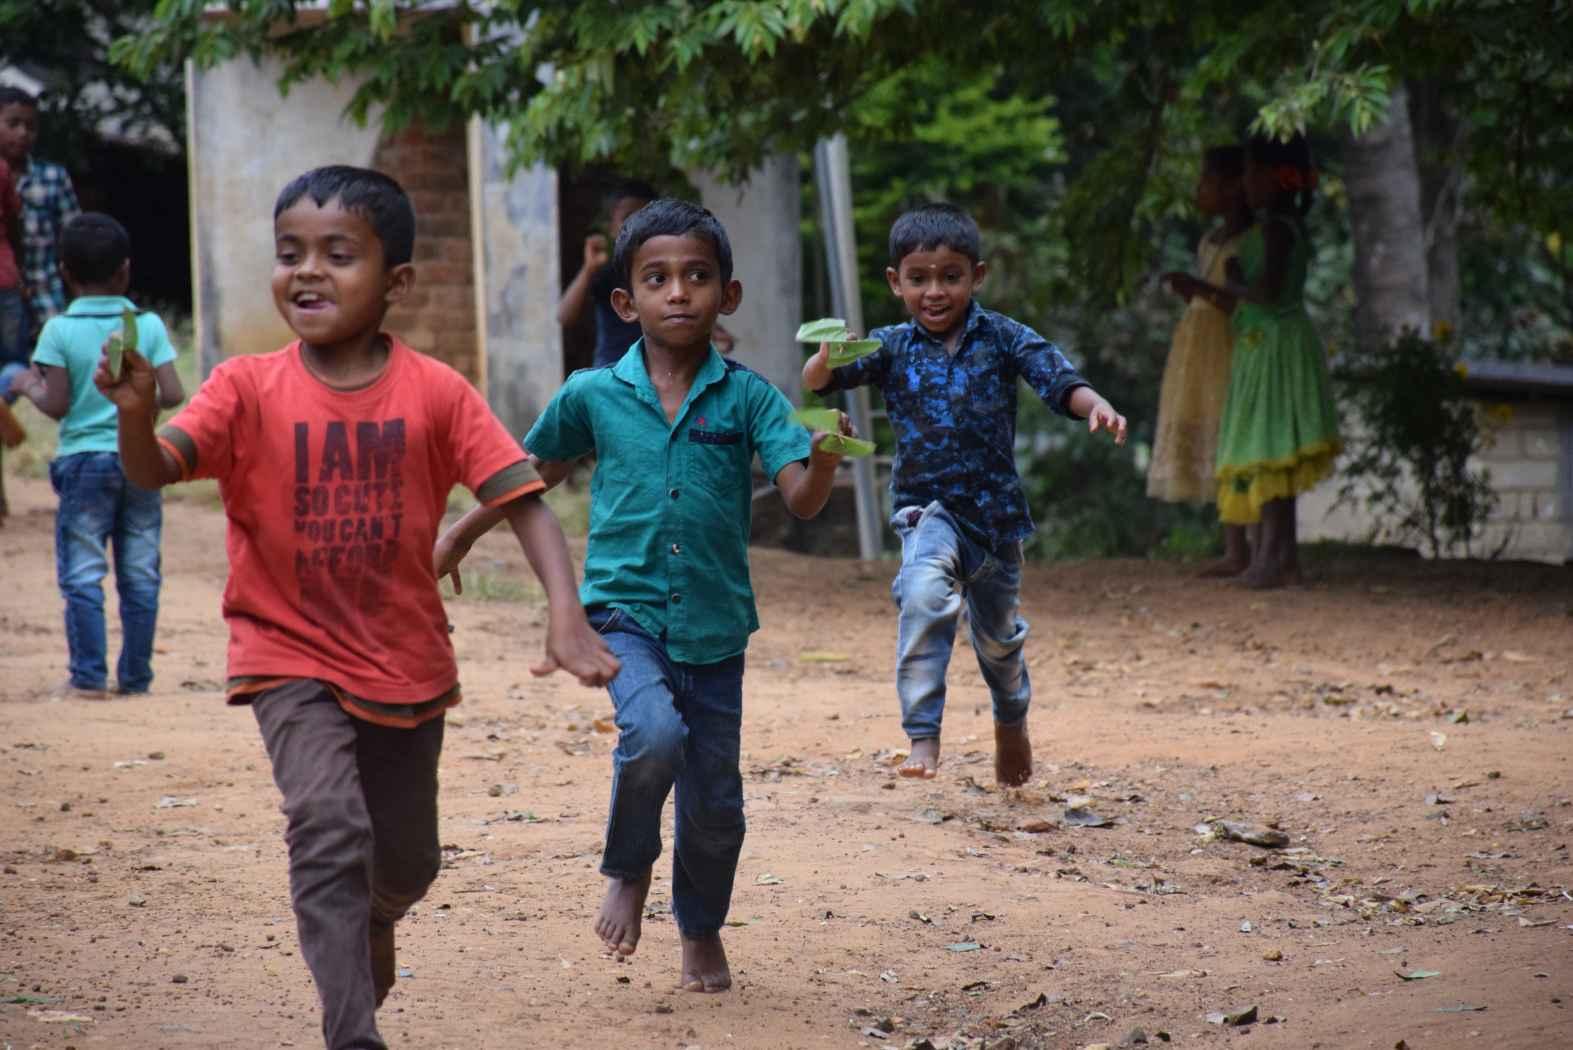 Canal do IITian Duo no YouTube torna o aprendizado divertido para crianças tribais 4